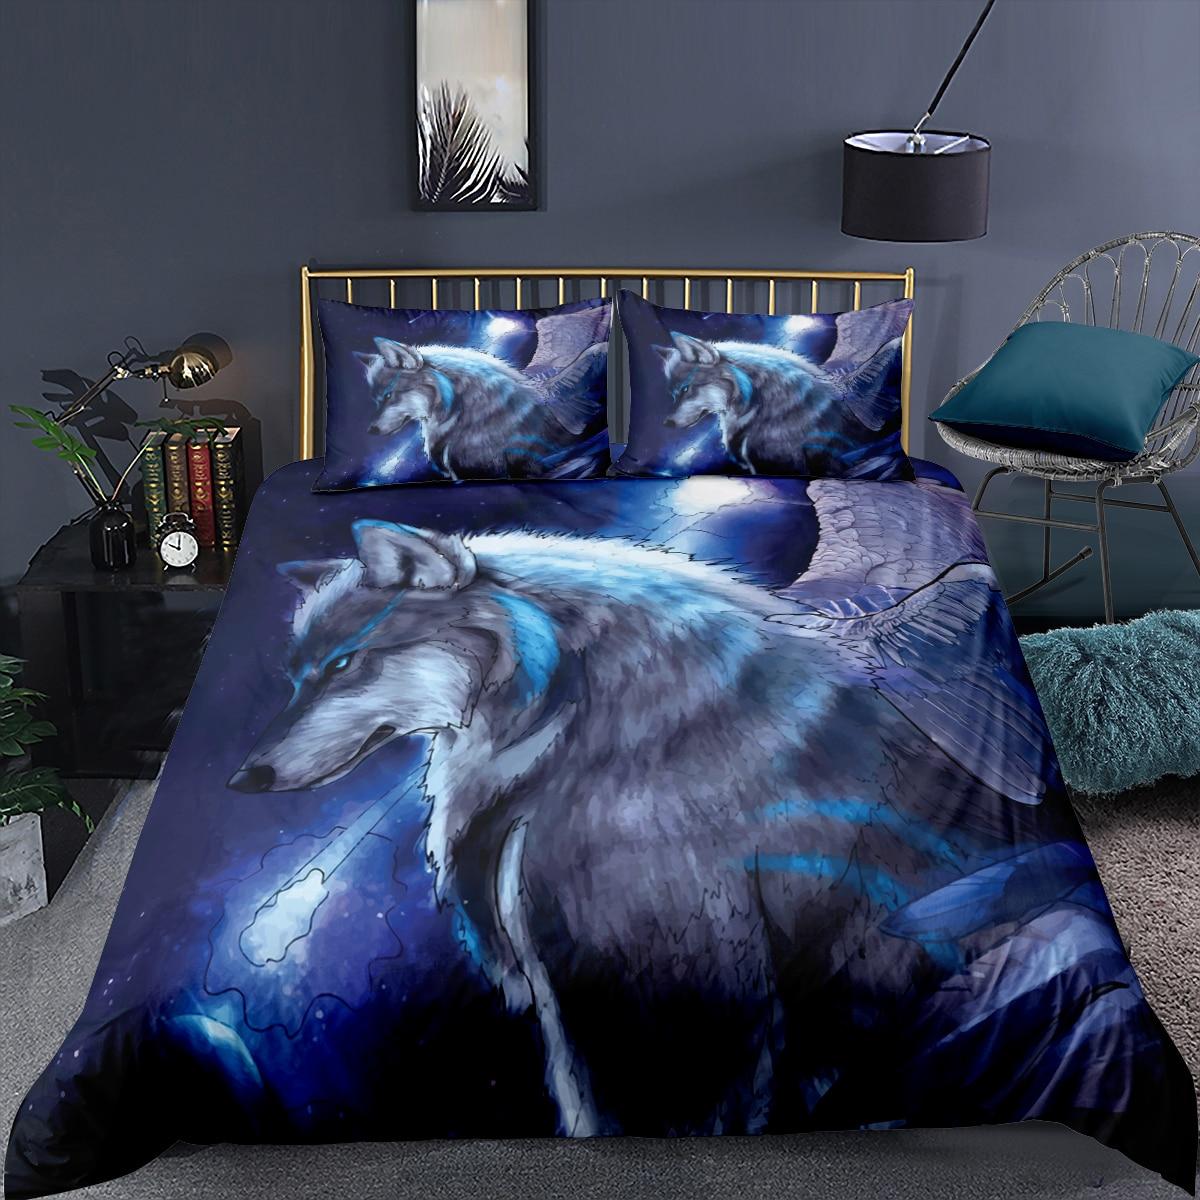 الذئب/الأسد/الدب سرير ملكي ثلاثية الأبعاد الحيوان حاف الغطاء المخدة الملكة الملك طقم سرير للكبار المنسوجات المنزلية